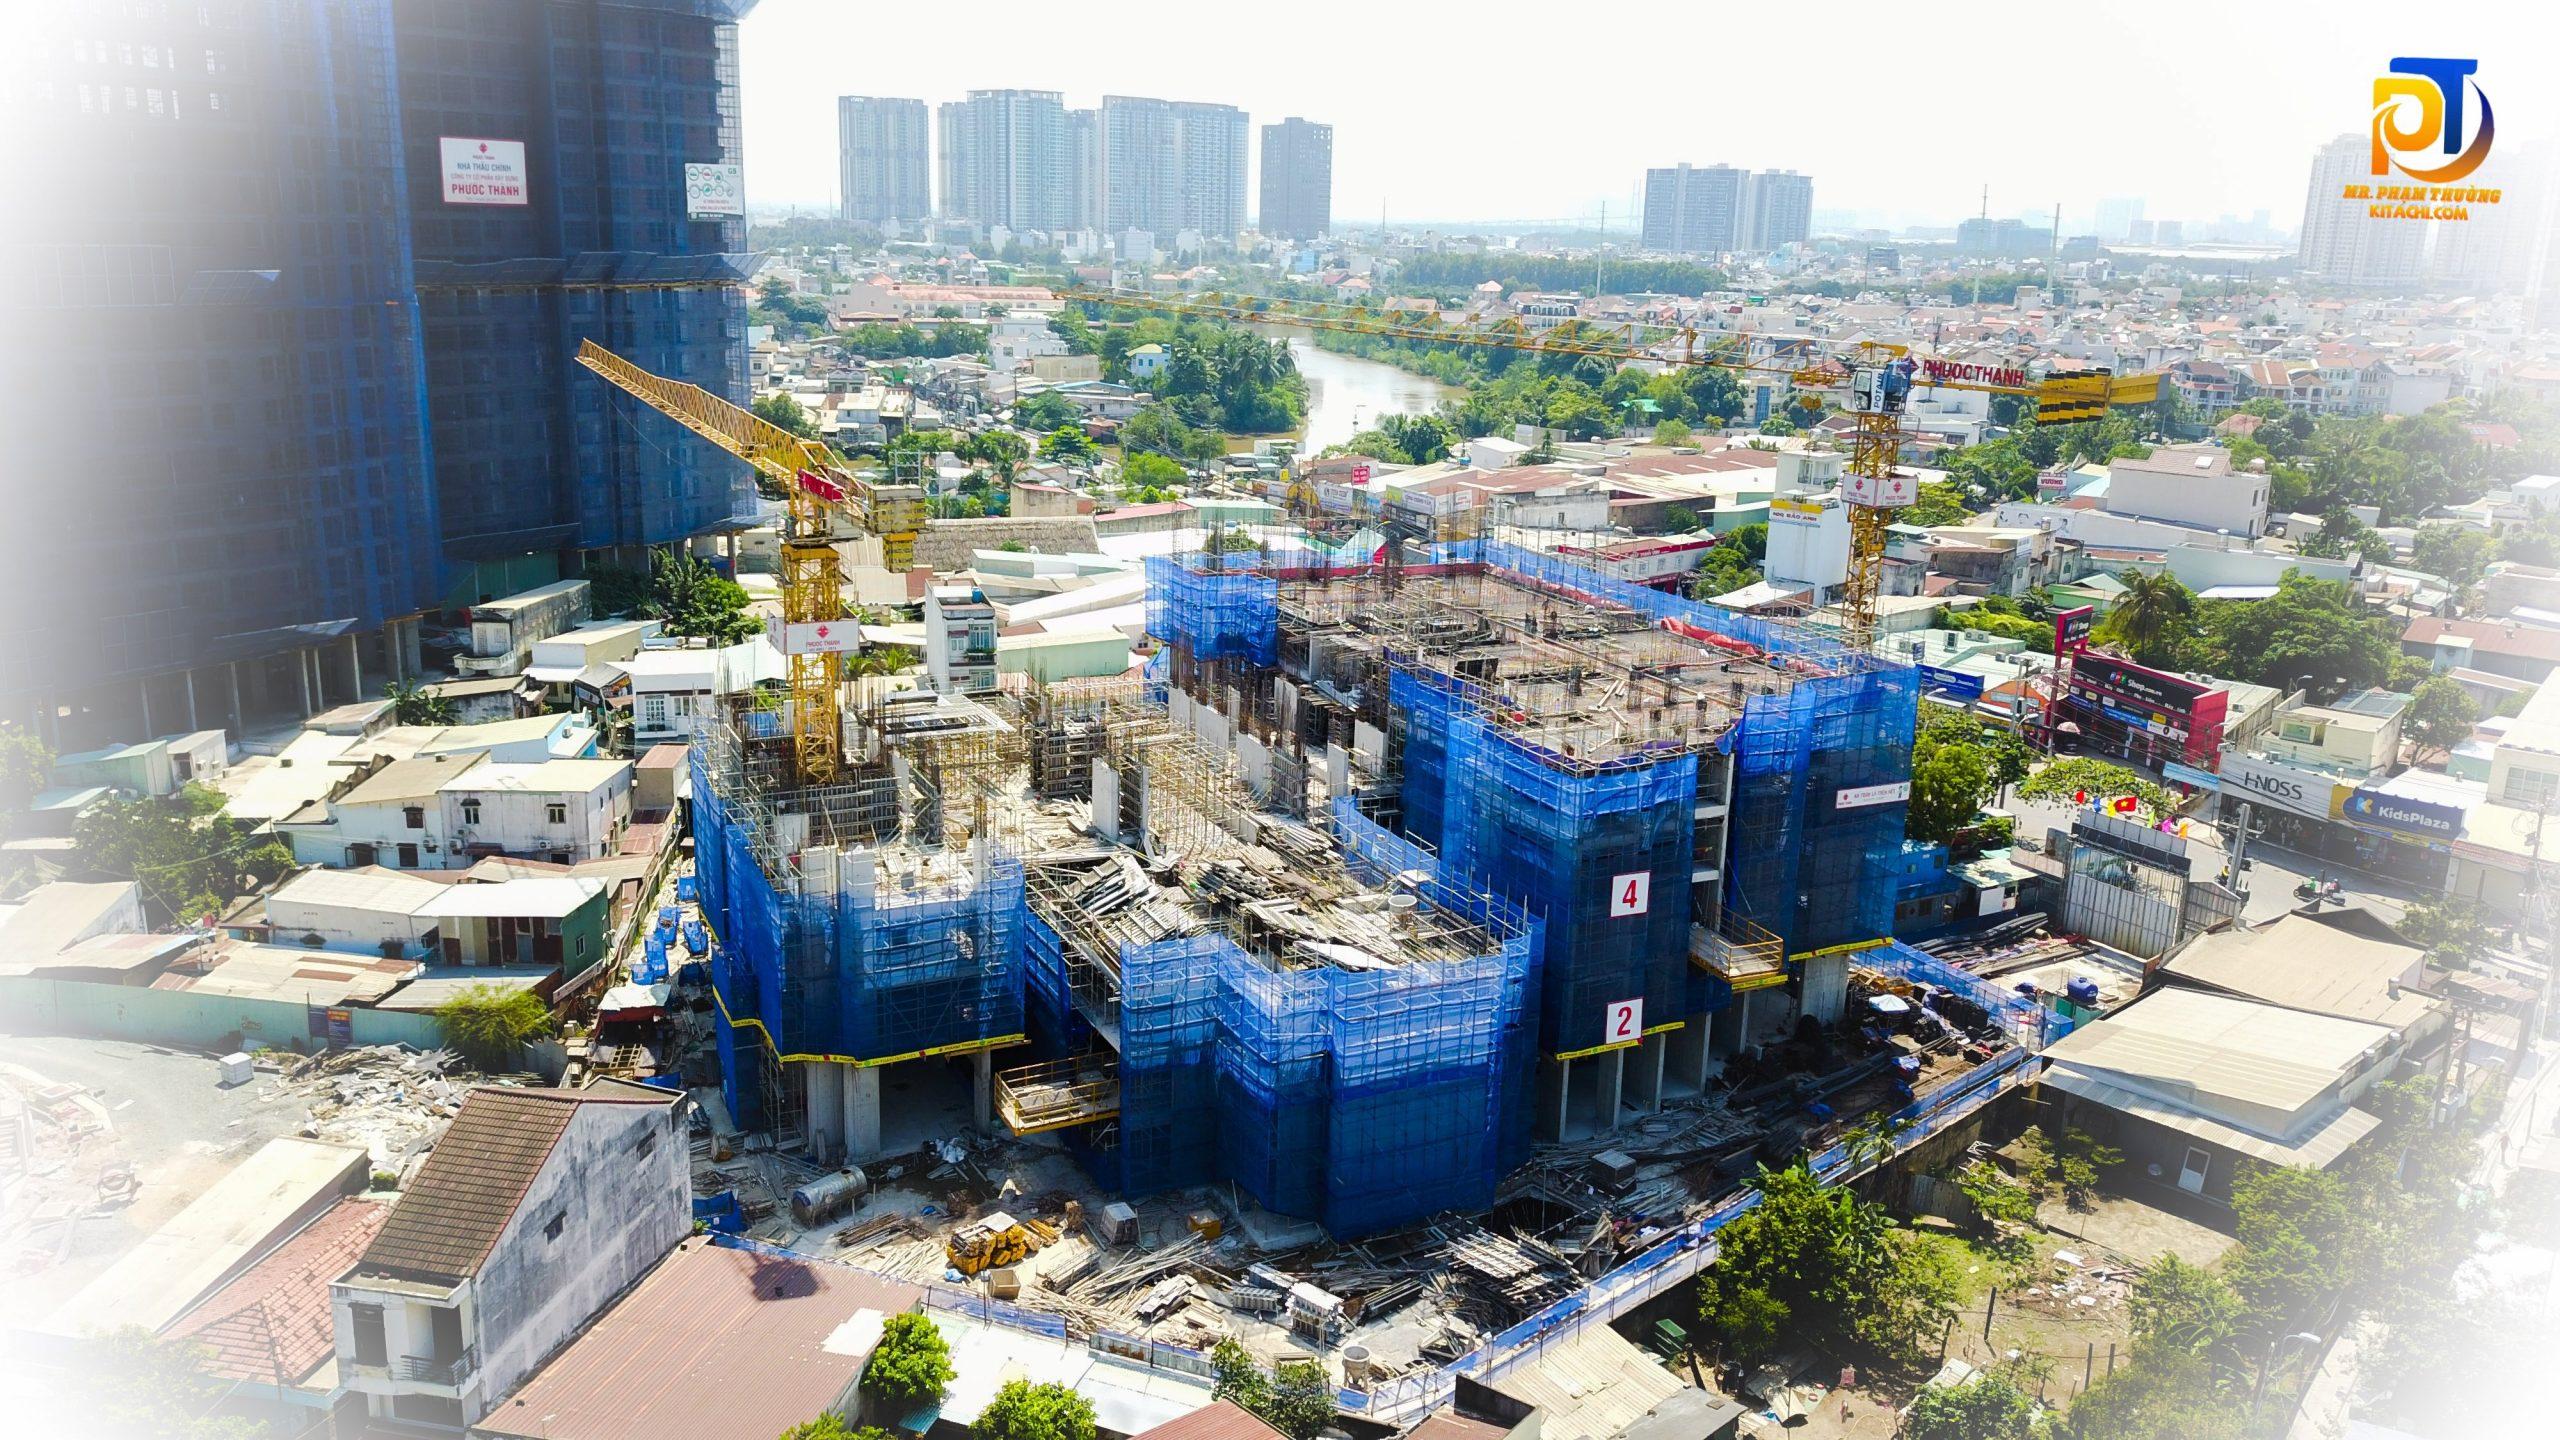 Tiến độ cập nhật dự án căn hộ Precia Quận 2 Điền Phúc Thành